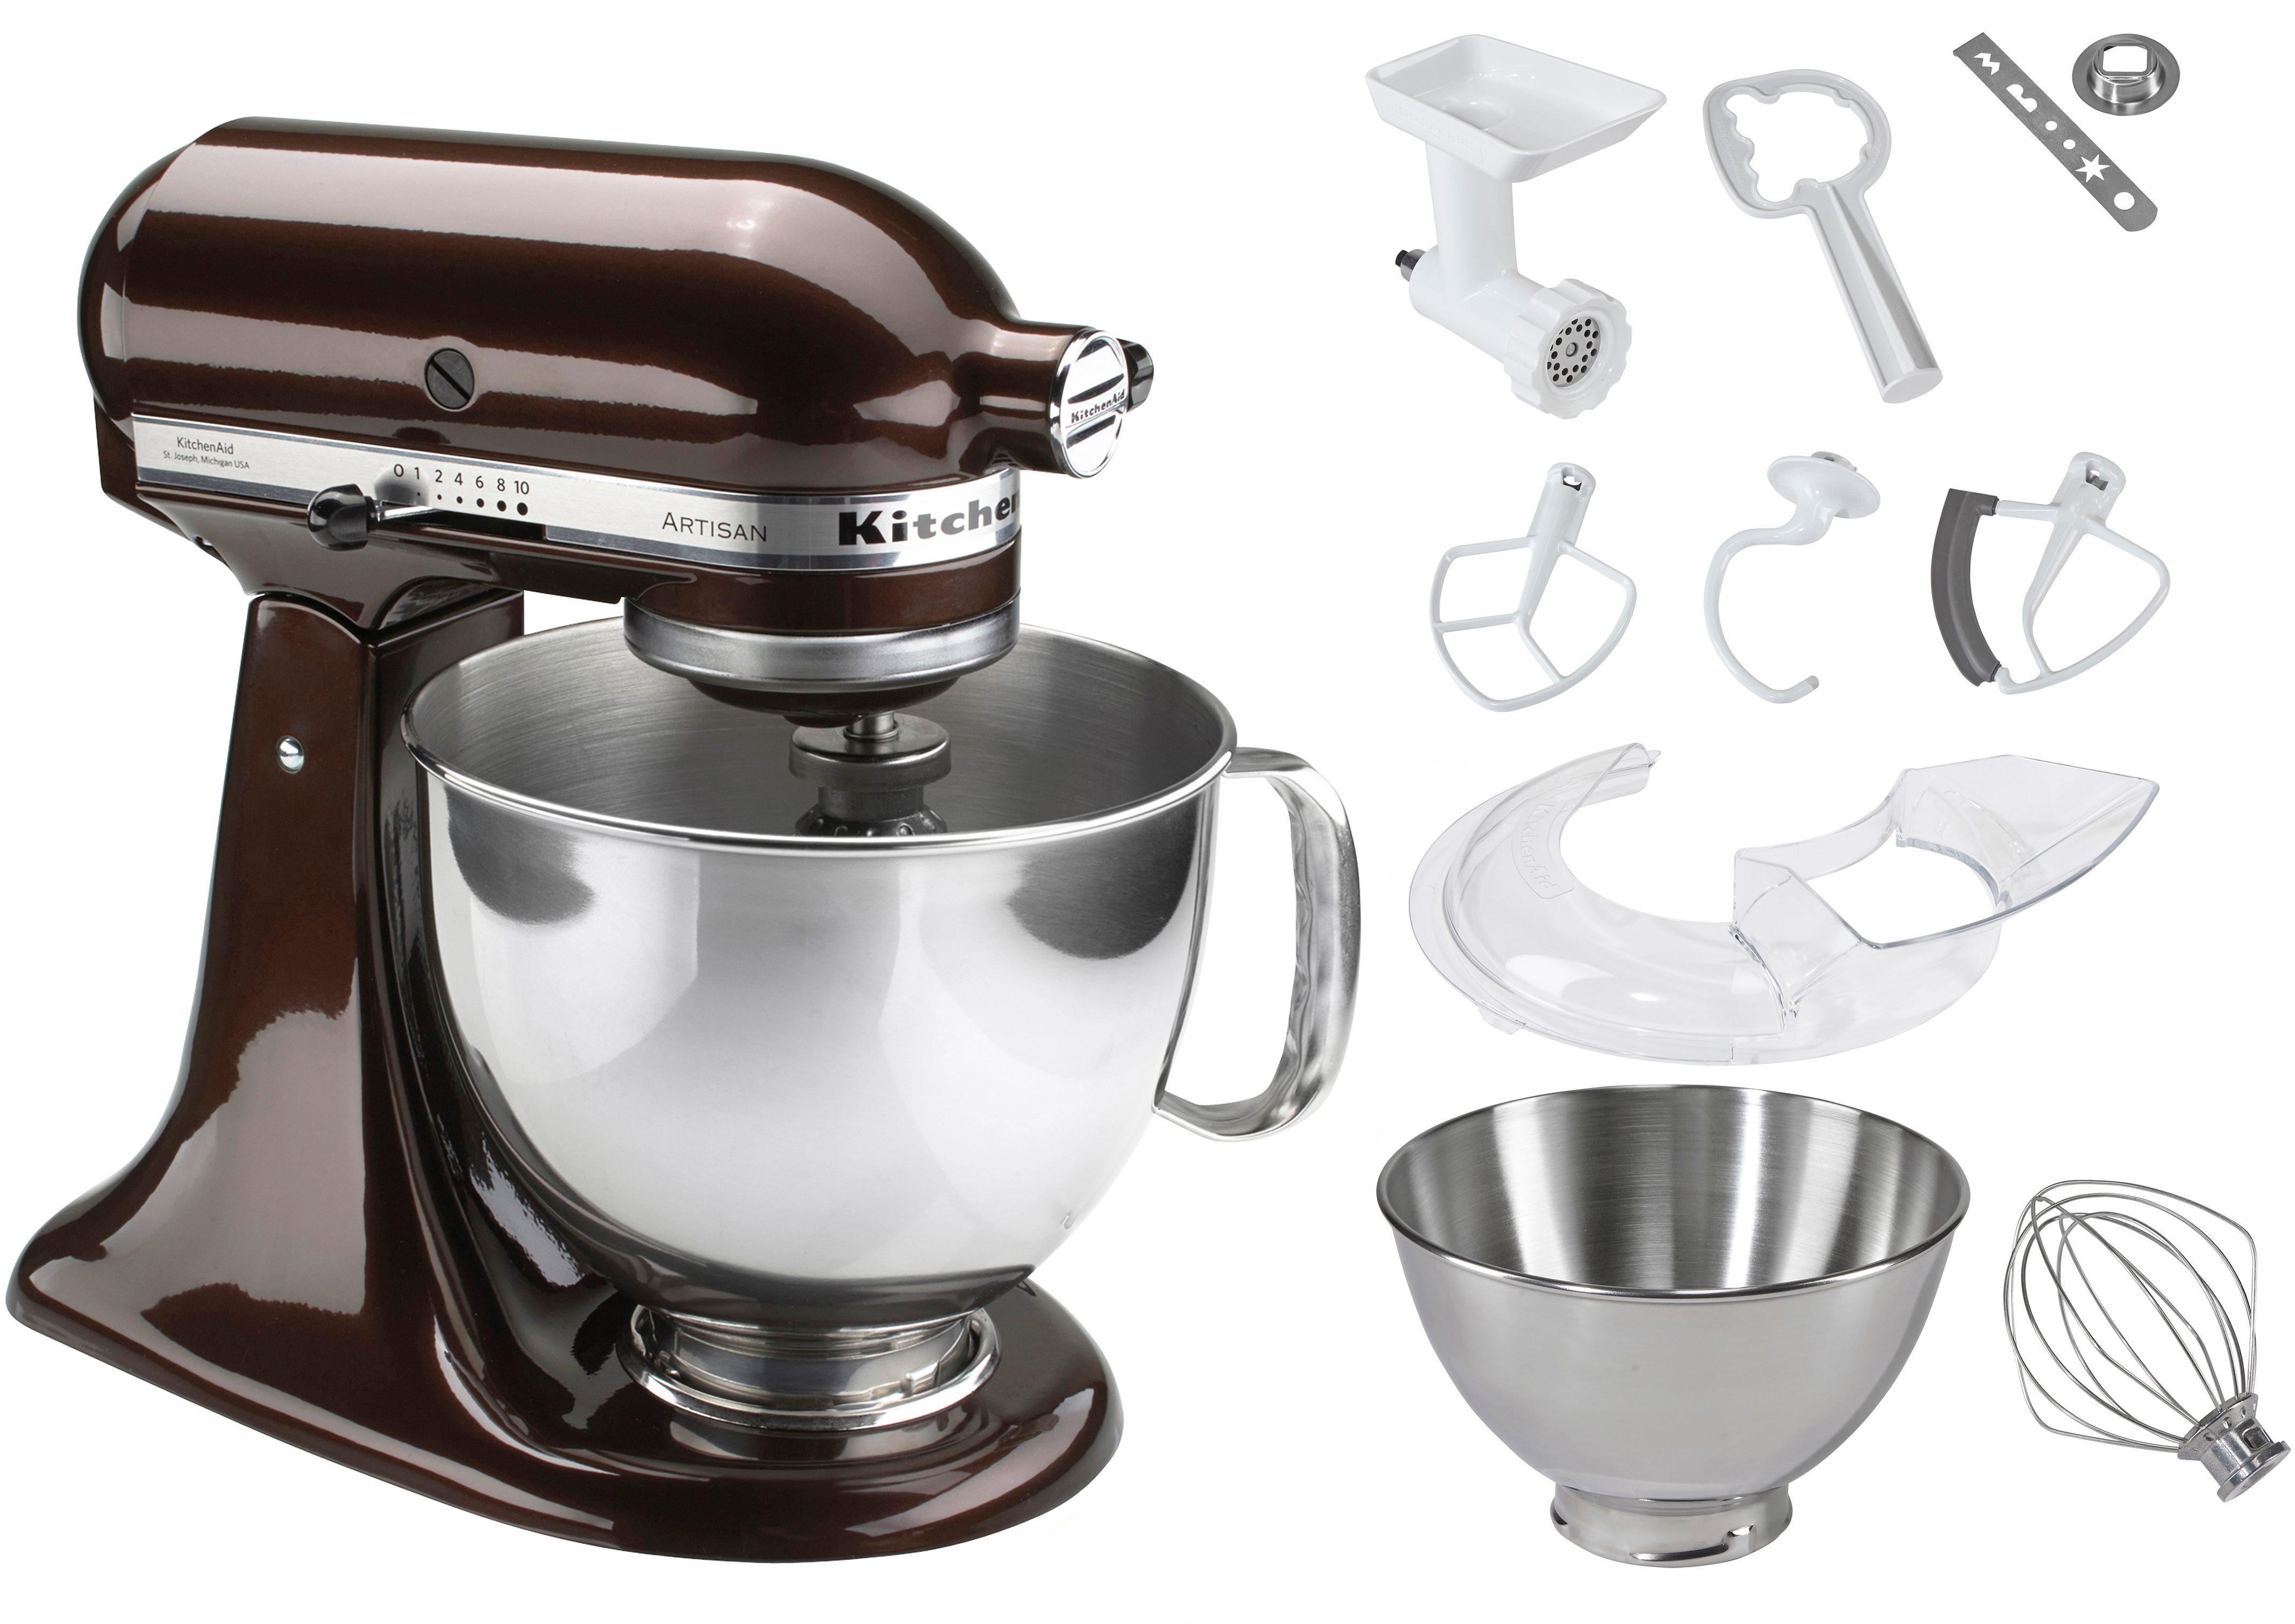 KitchenAid® Küchenmaschine 5KSM1175PSEES Artisan, inkl Sonderzubehör im Wert von ca. 106,-€